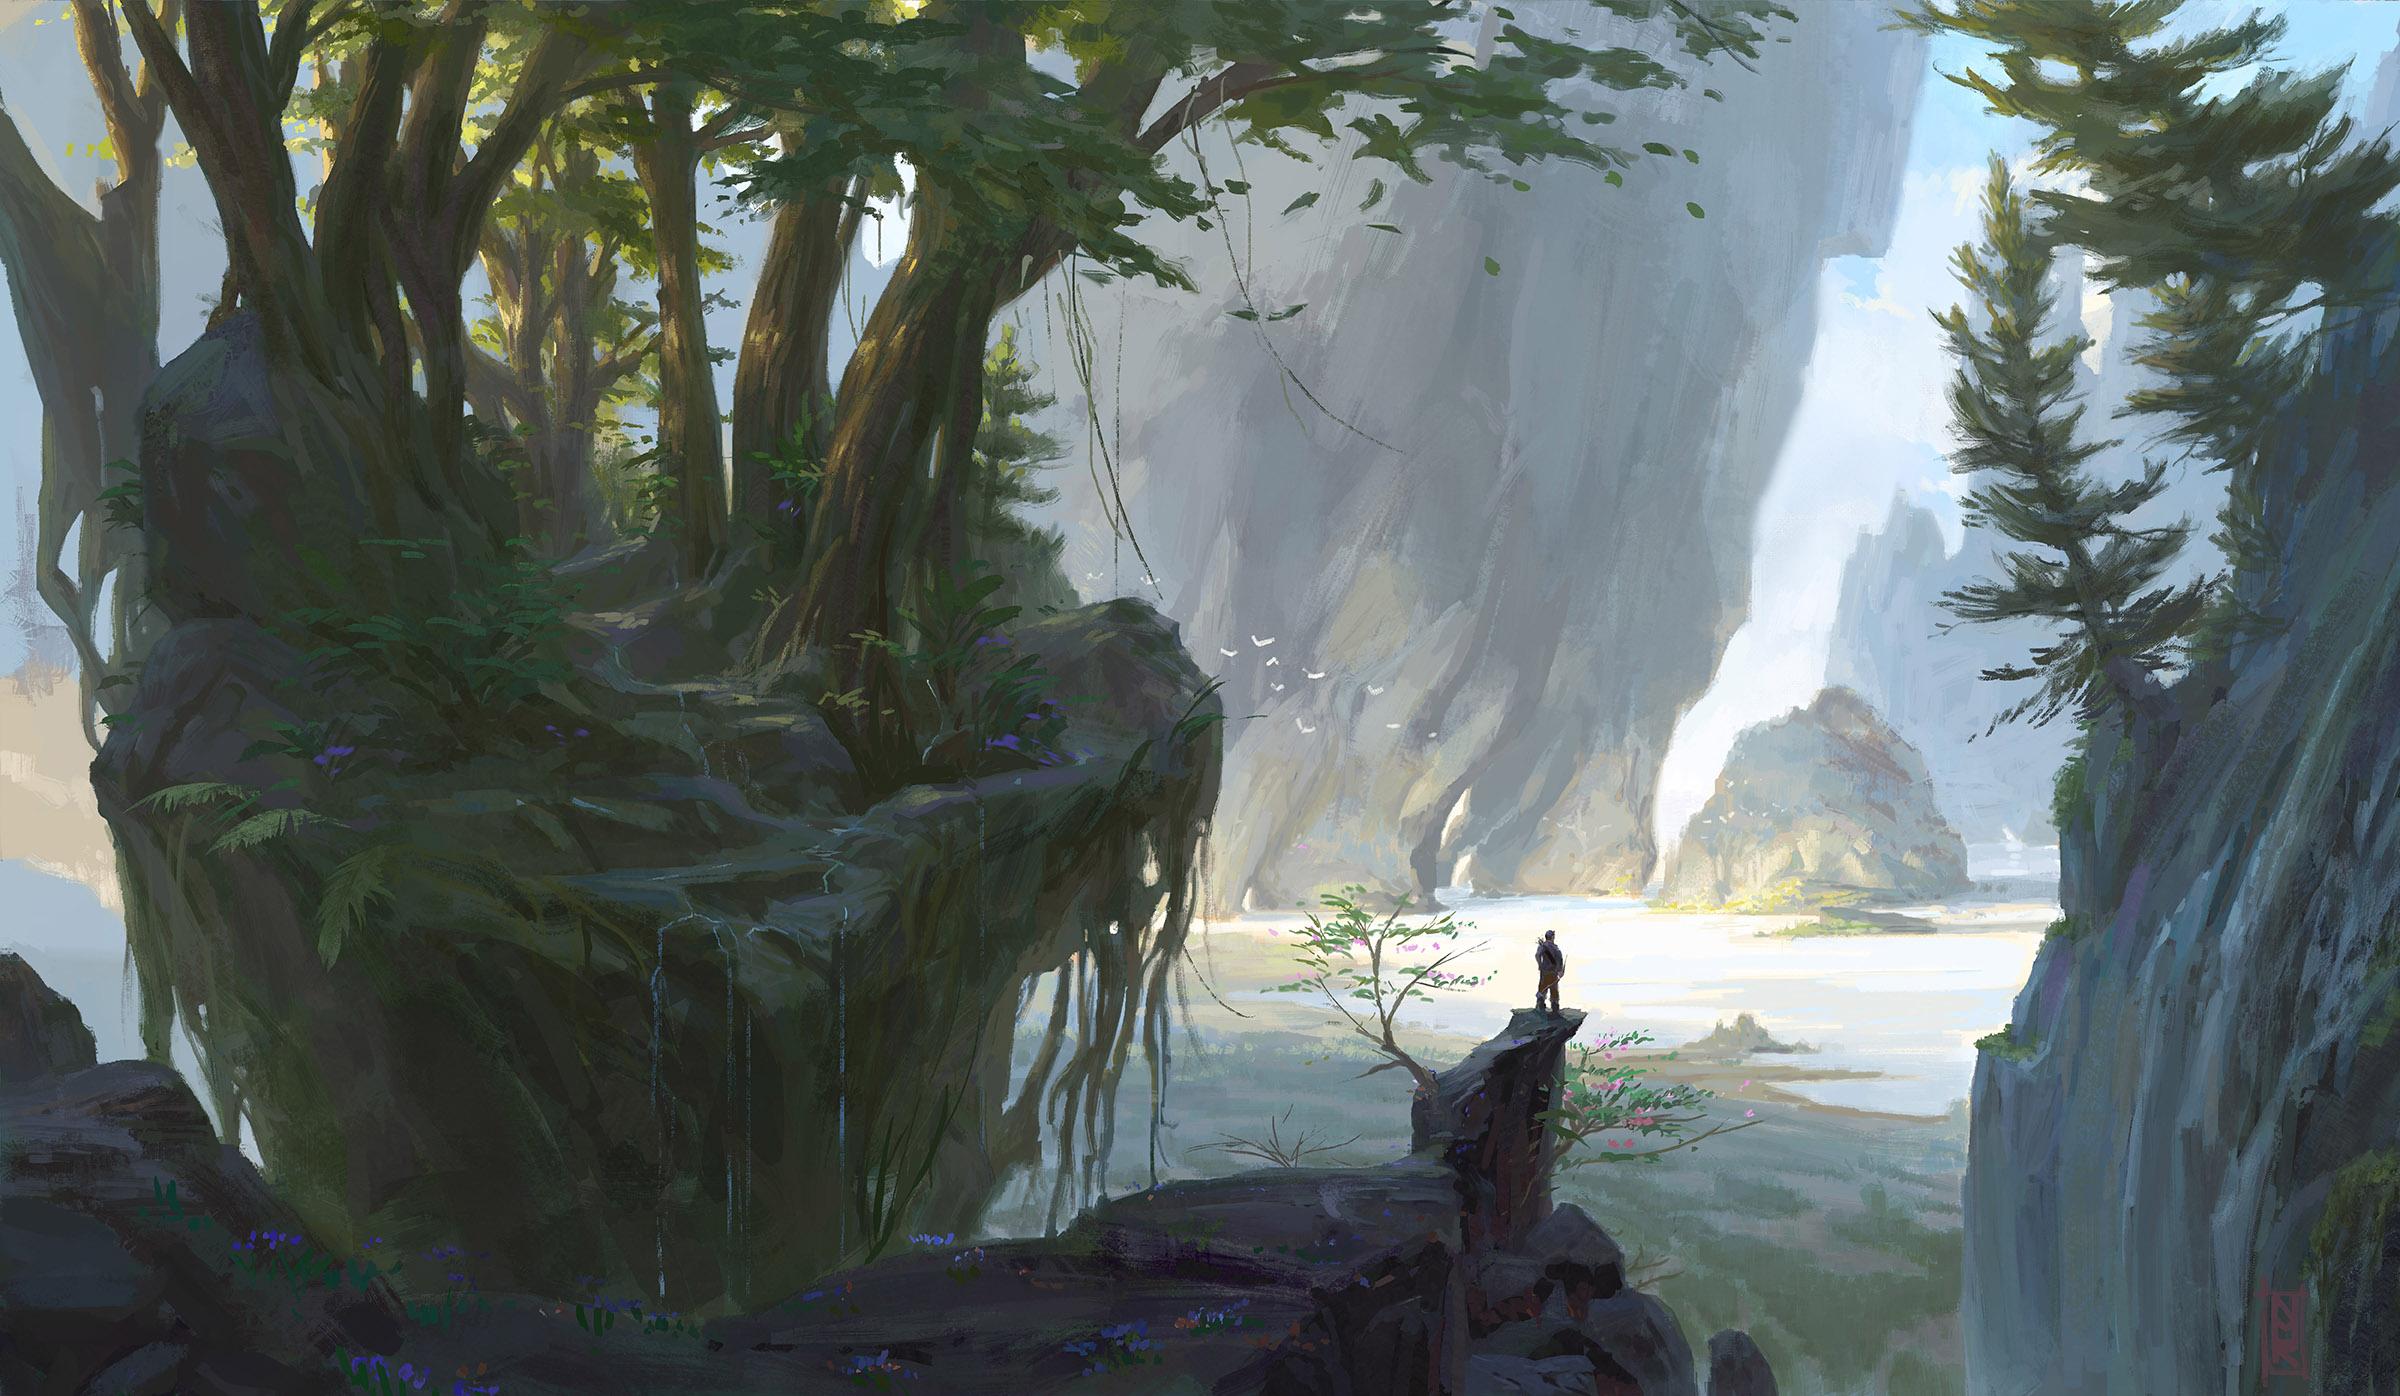 Lake of Laugg_final_nickragetli_web.jpg